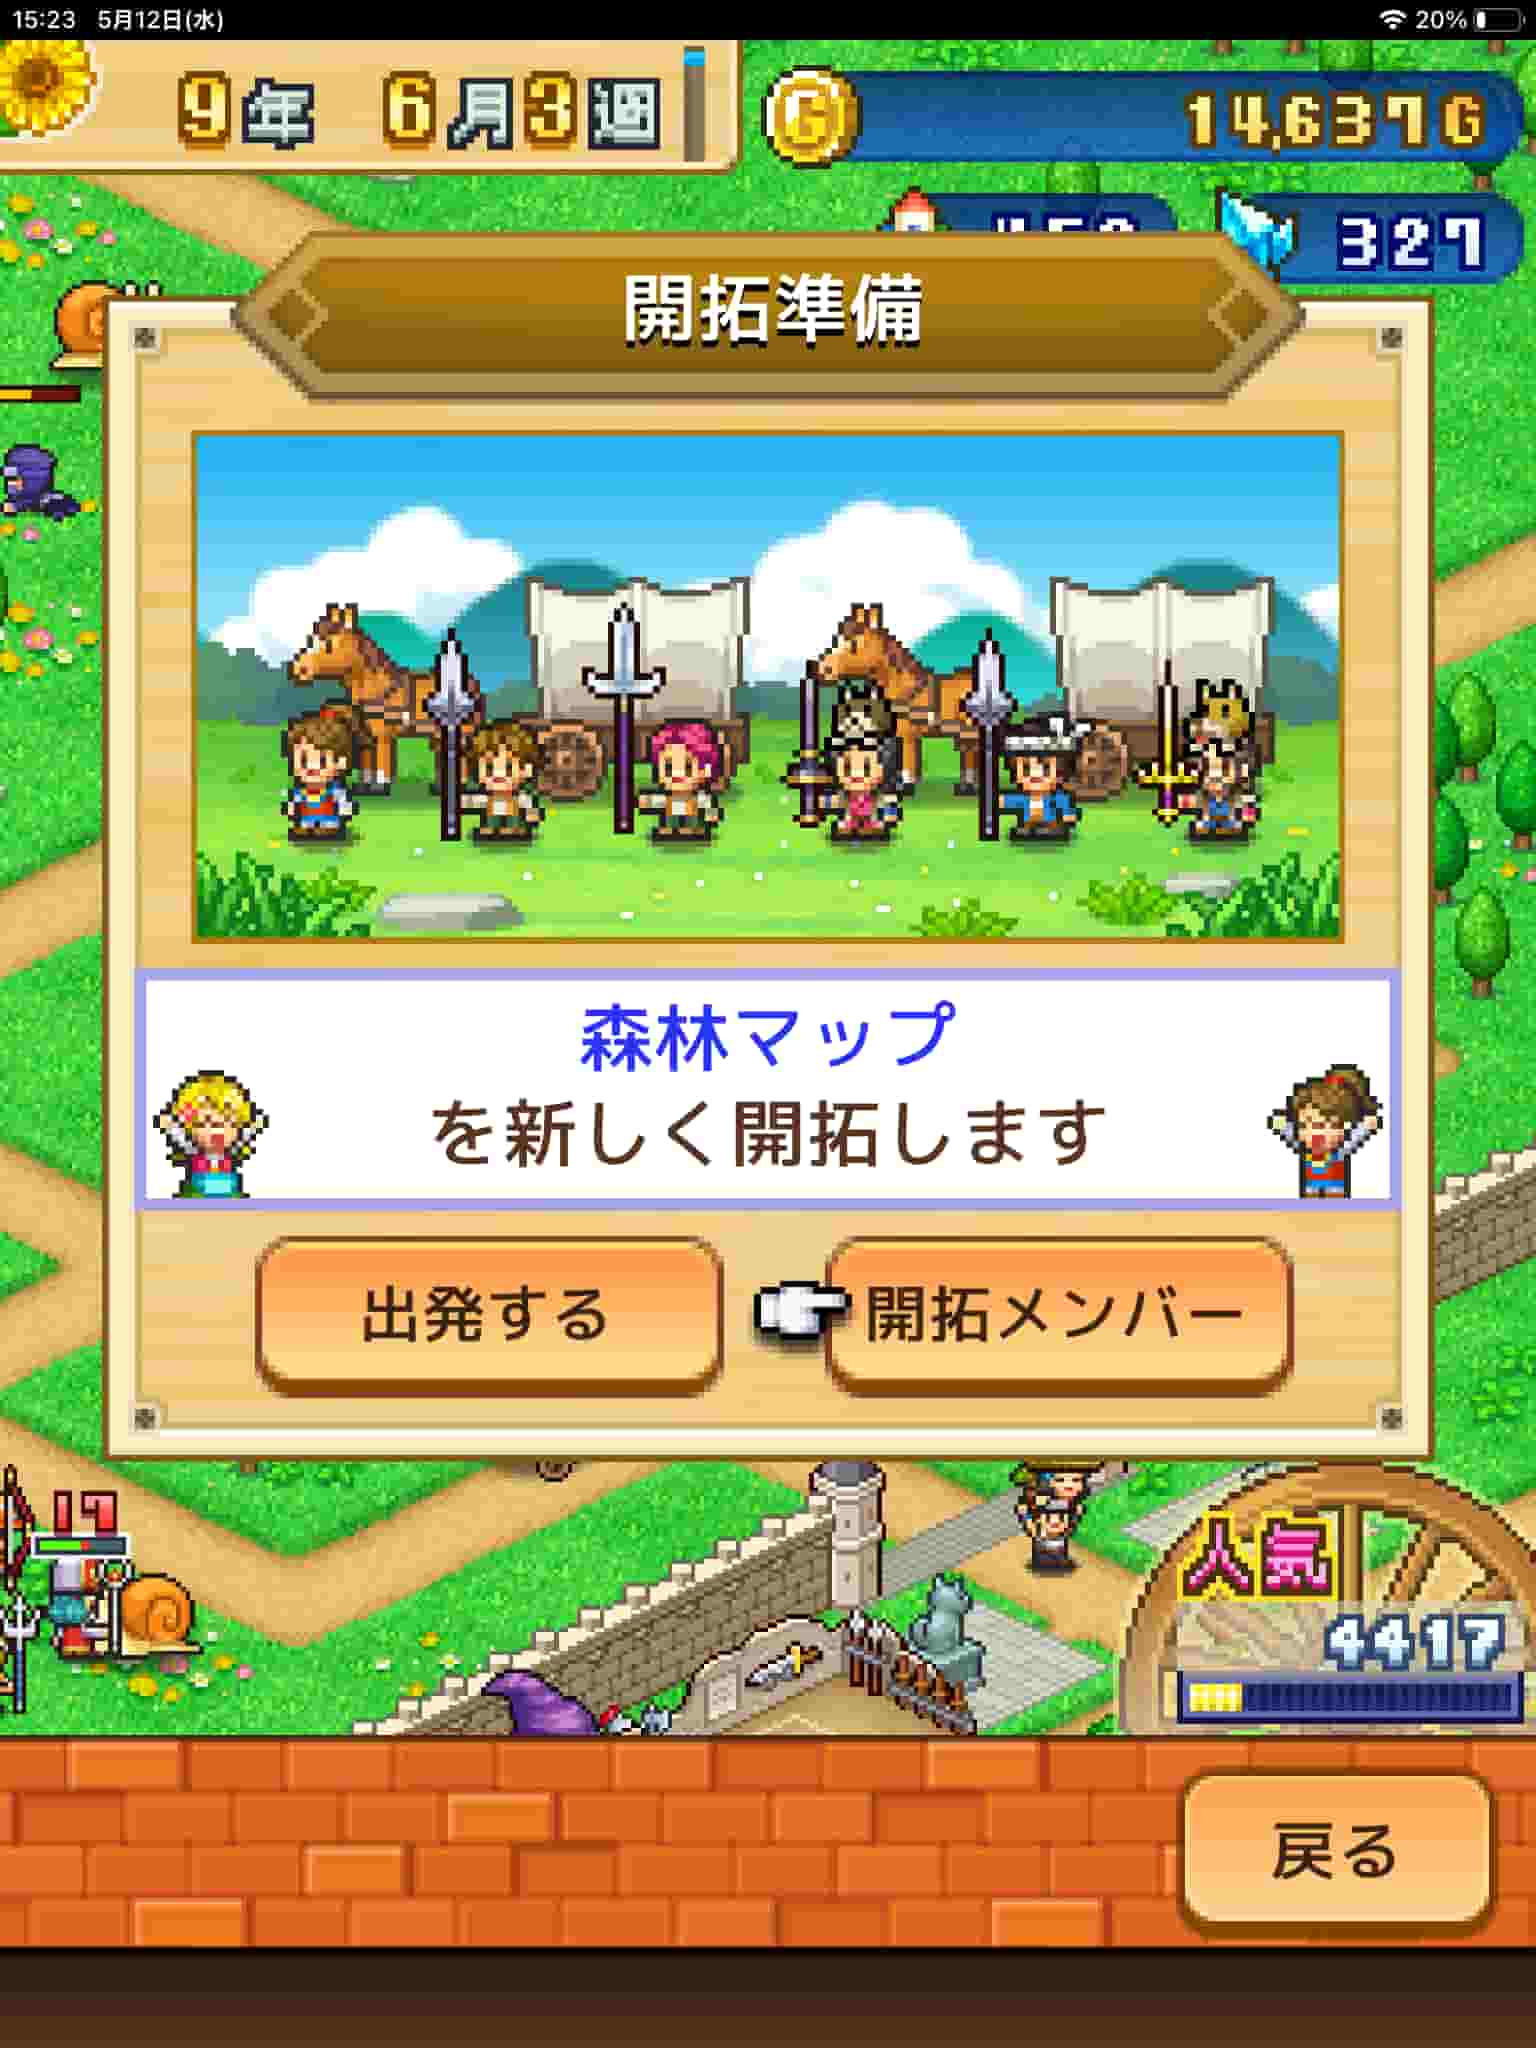 冒険ダンジョン村2、マップ